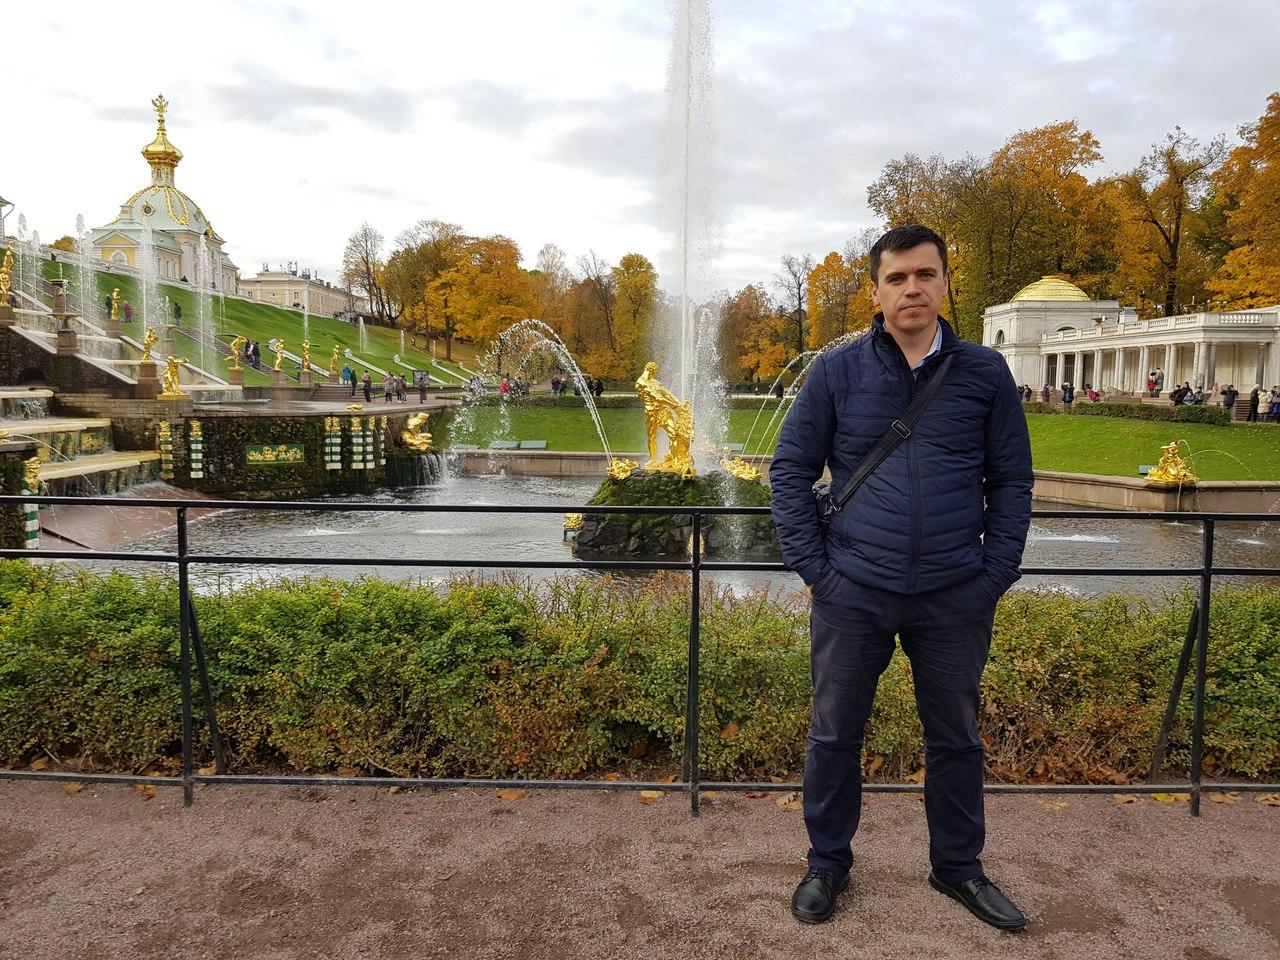 Бычков дмитрий фотографии